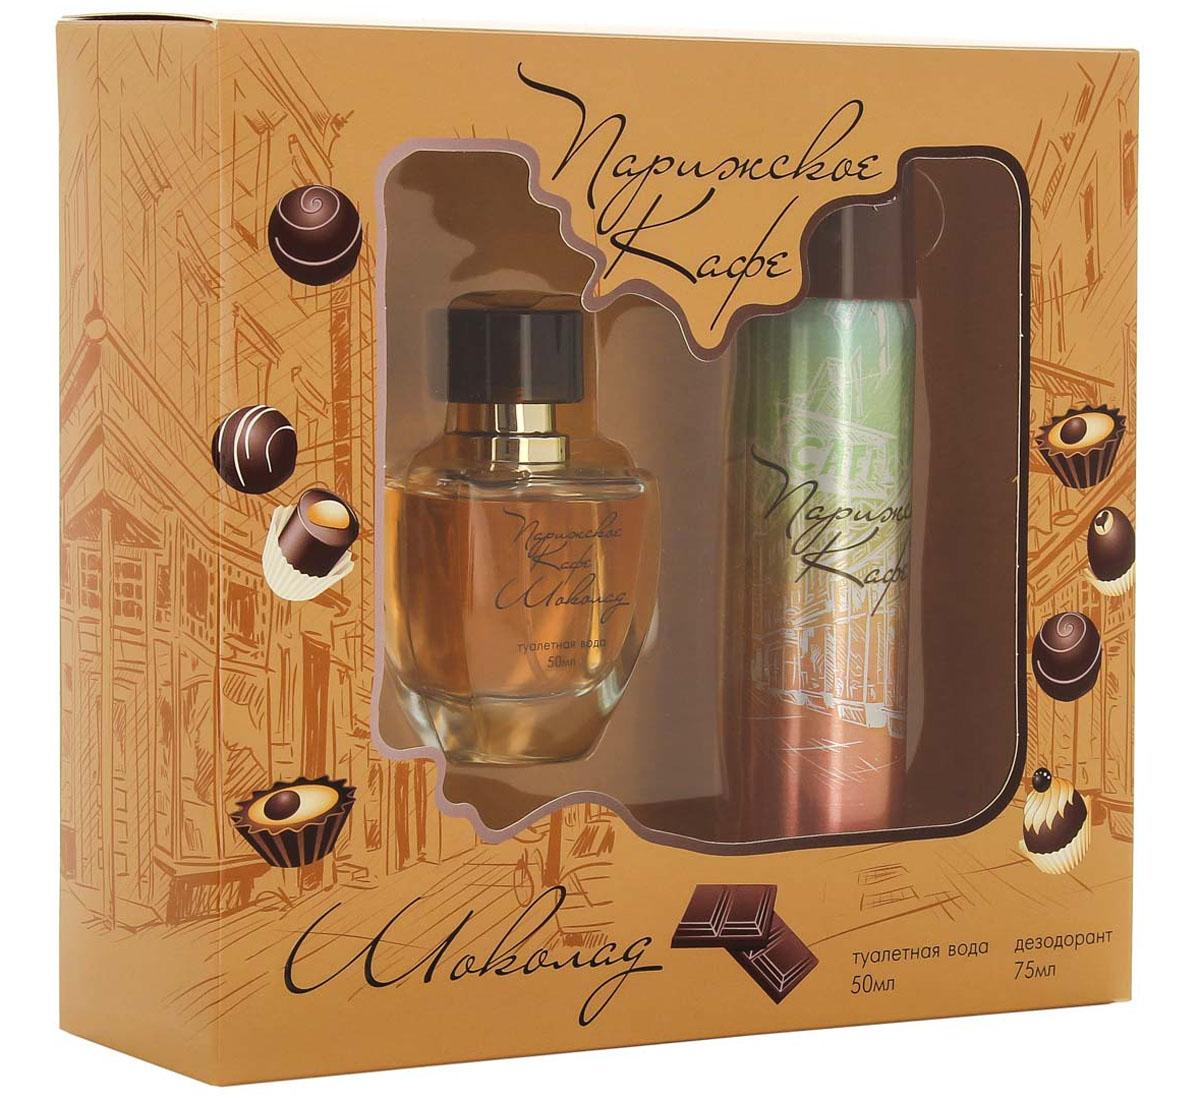 """КПК-Парфюм Подарочный набор для женщин """"Парижское кафе: Шоколад"""": Туалетная вода, 50 мл + Парфюмированный дезодорант, 75 мл"""